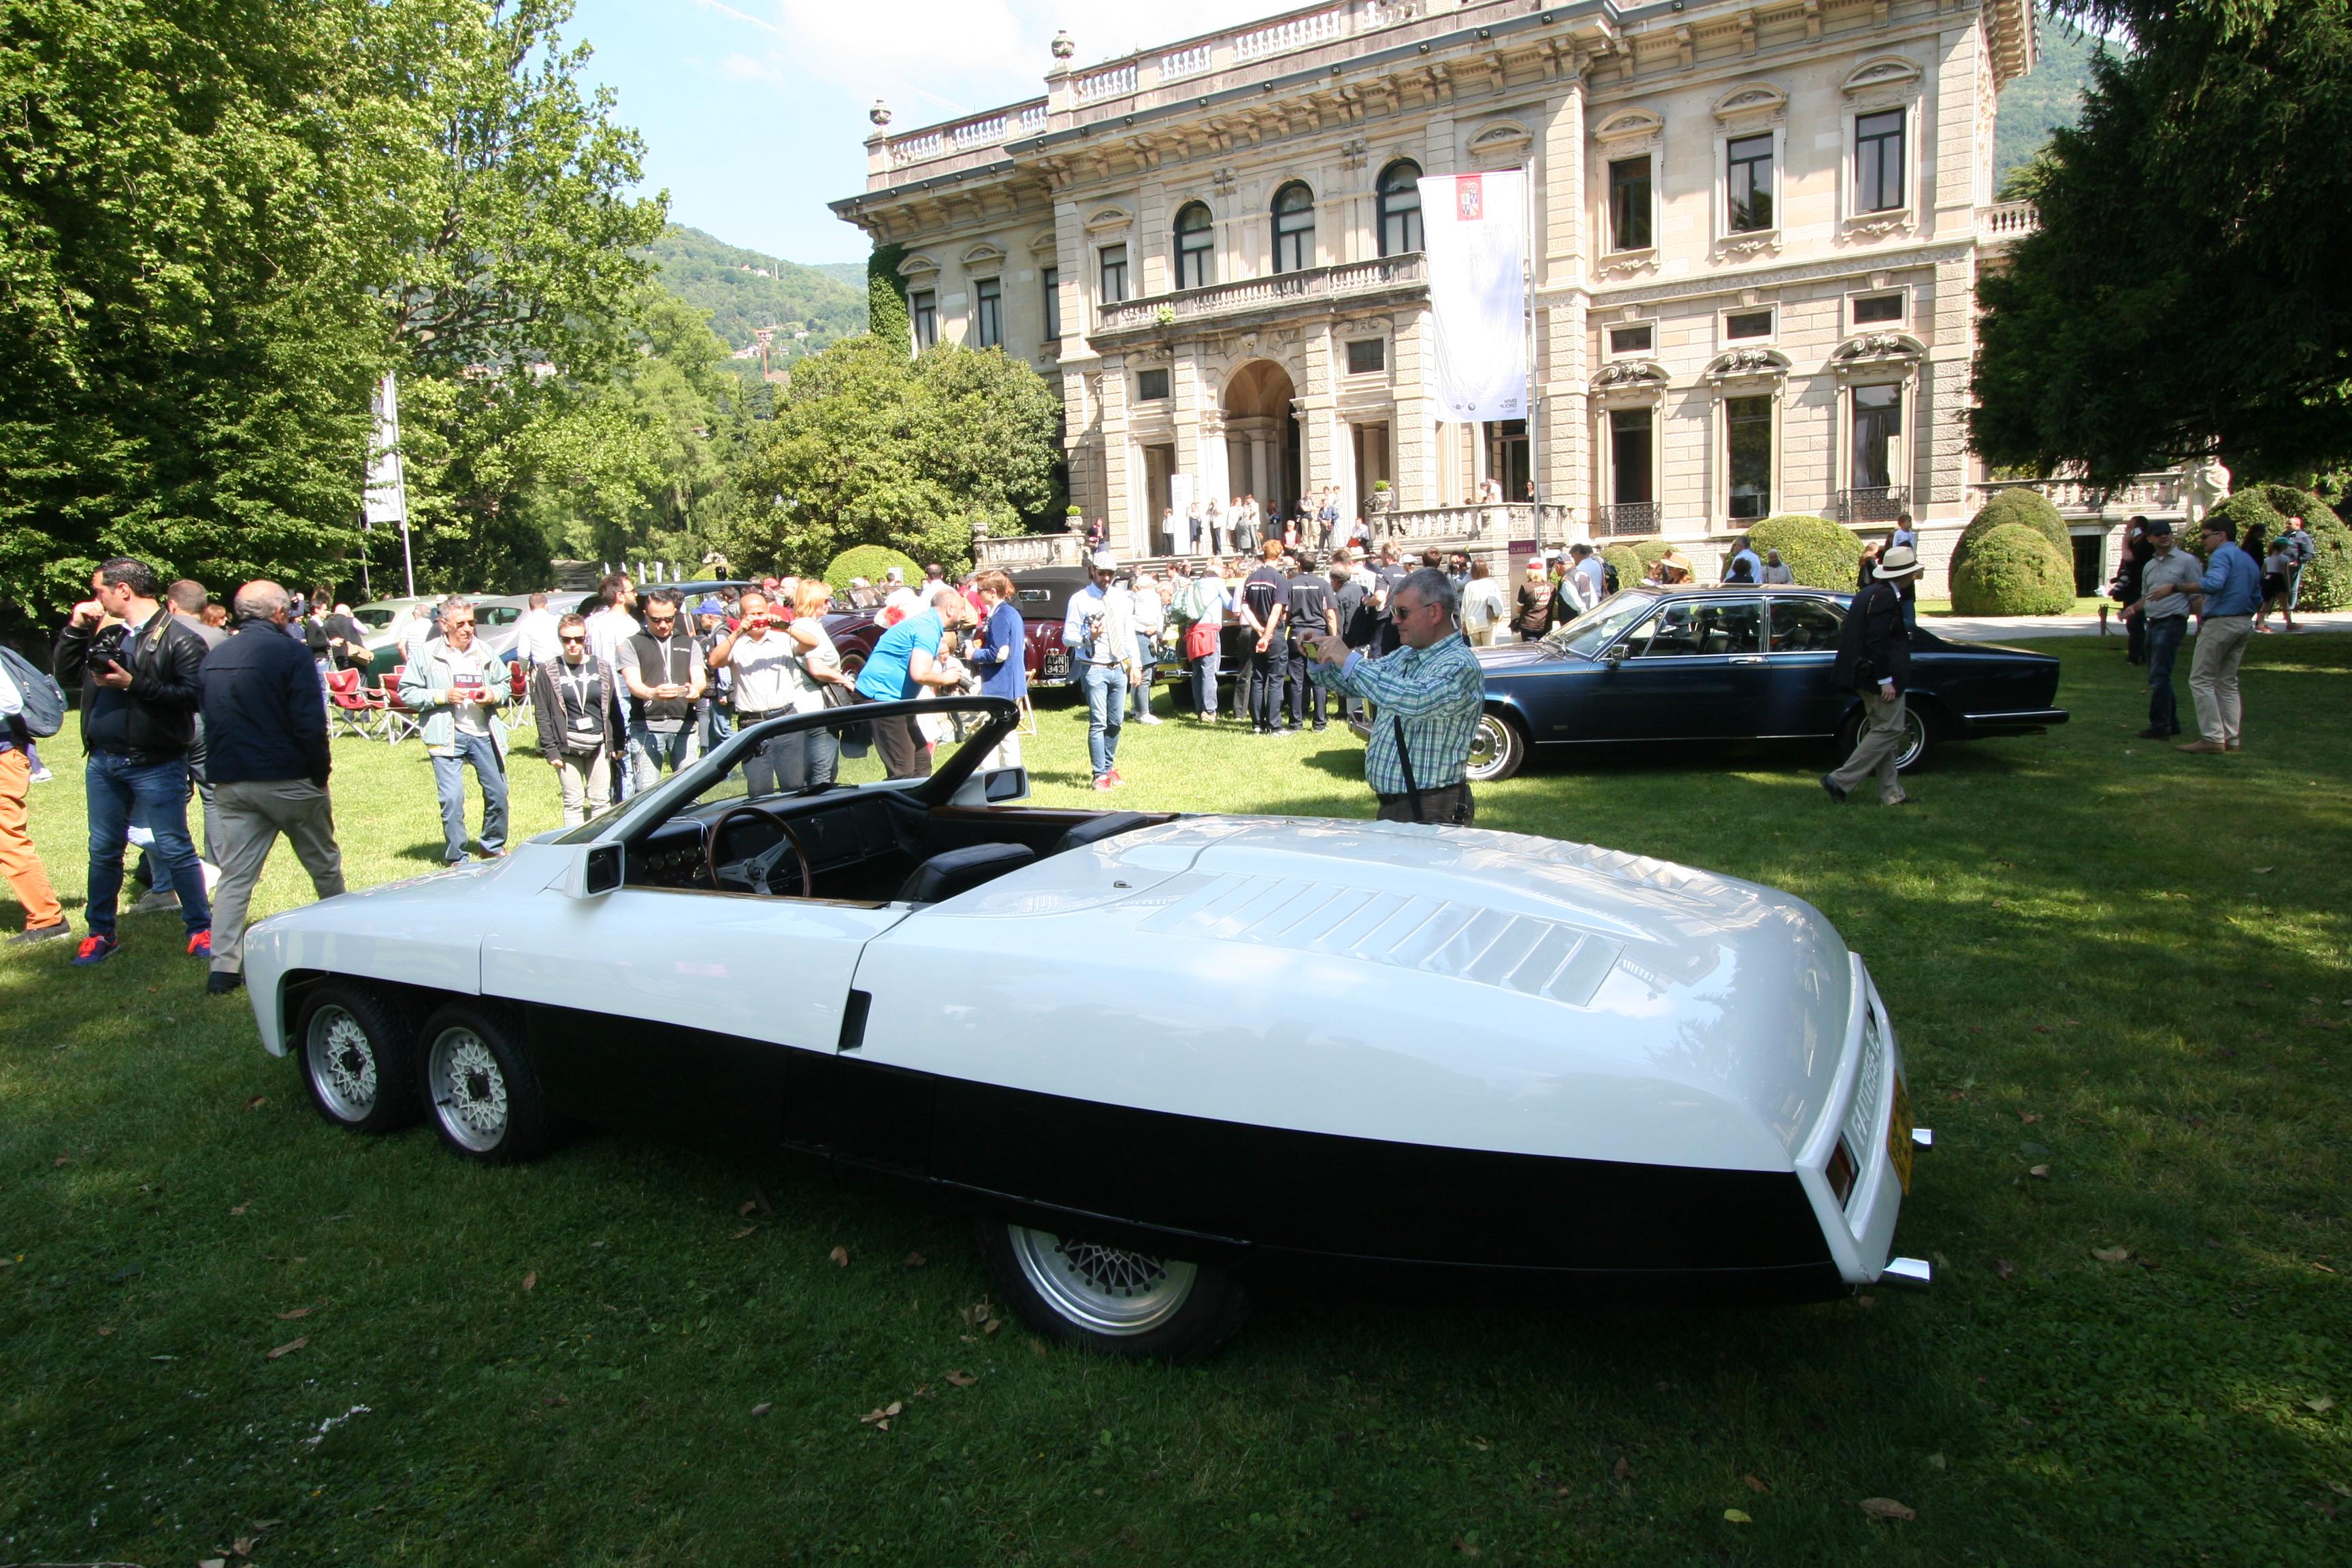 I dag må bilen regnes som en særdeles spesiell kuriositet, men det gjør bare myten omkring bilen enda større.